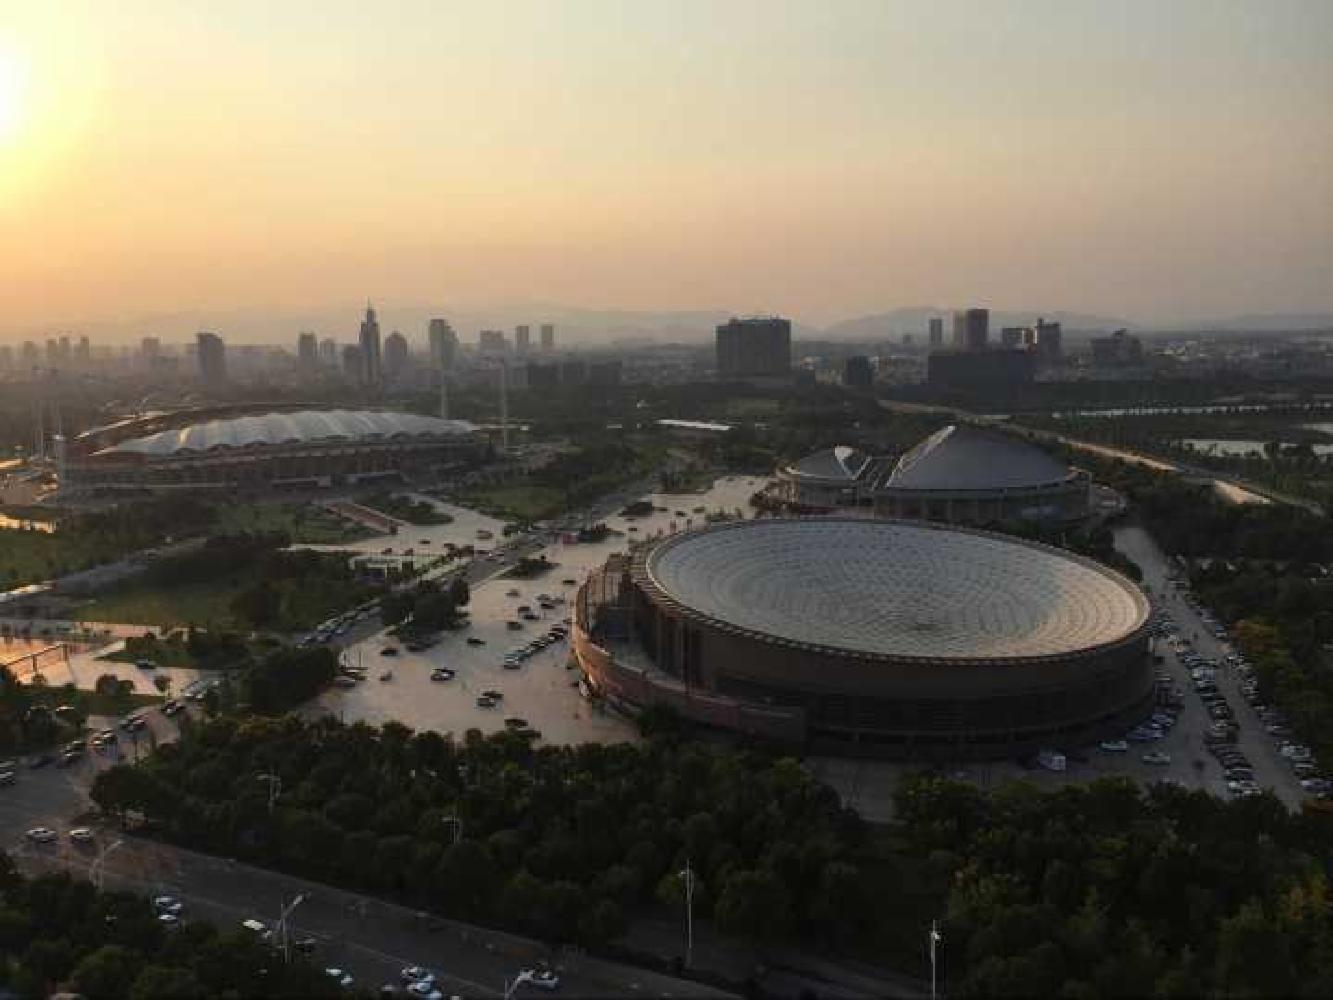 可做人才房 一手过户 梅湖国际公馆江东中心位置电梯新房景观房